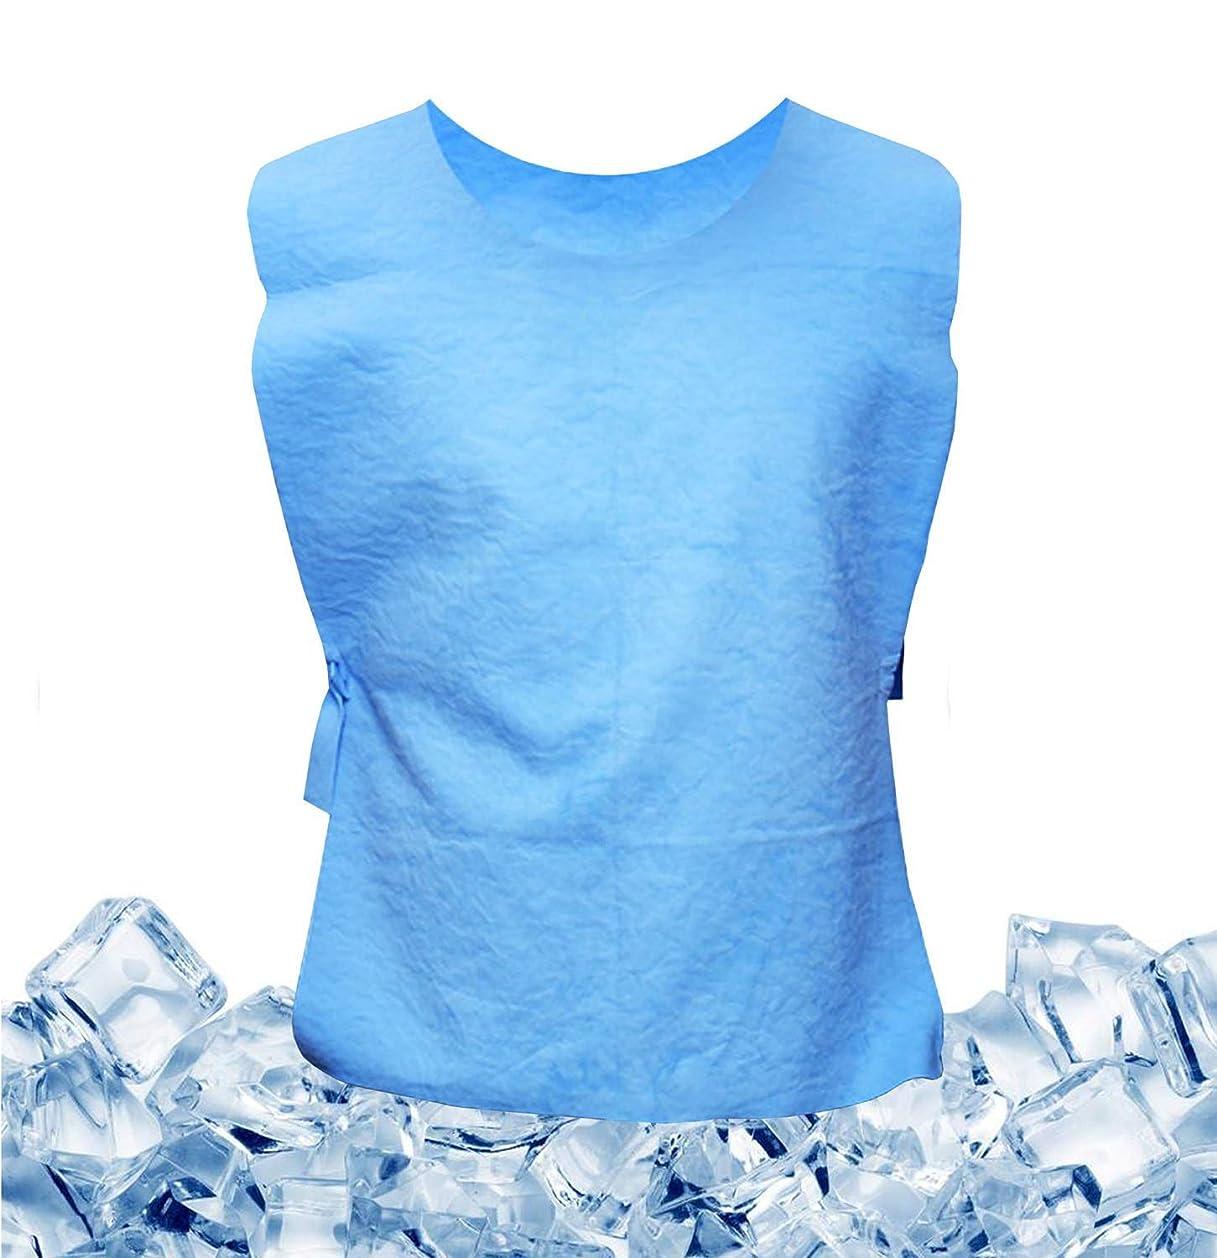 フルートエレガント不和クールベスト 冷感ベスト 冷却 空調服 ひんやり 熱中症対策 空調作業服 物理的 炎天下作業 工事現場